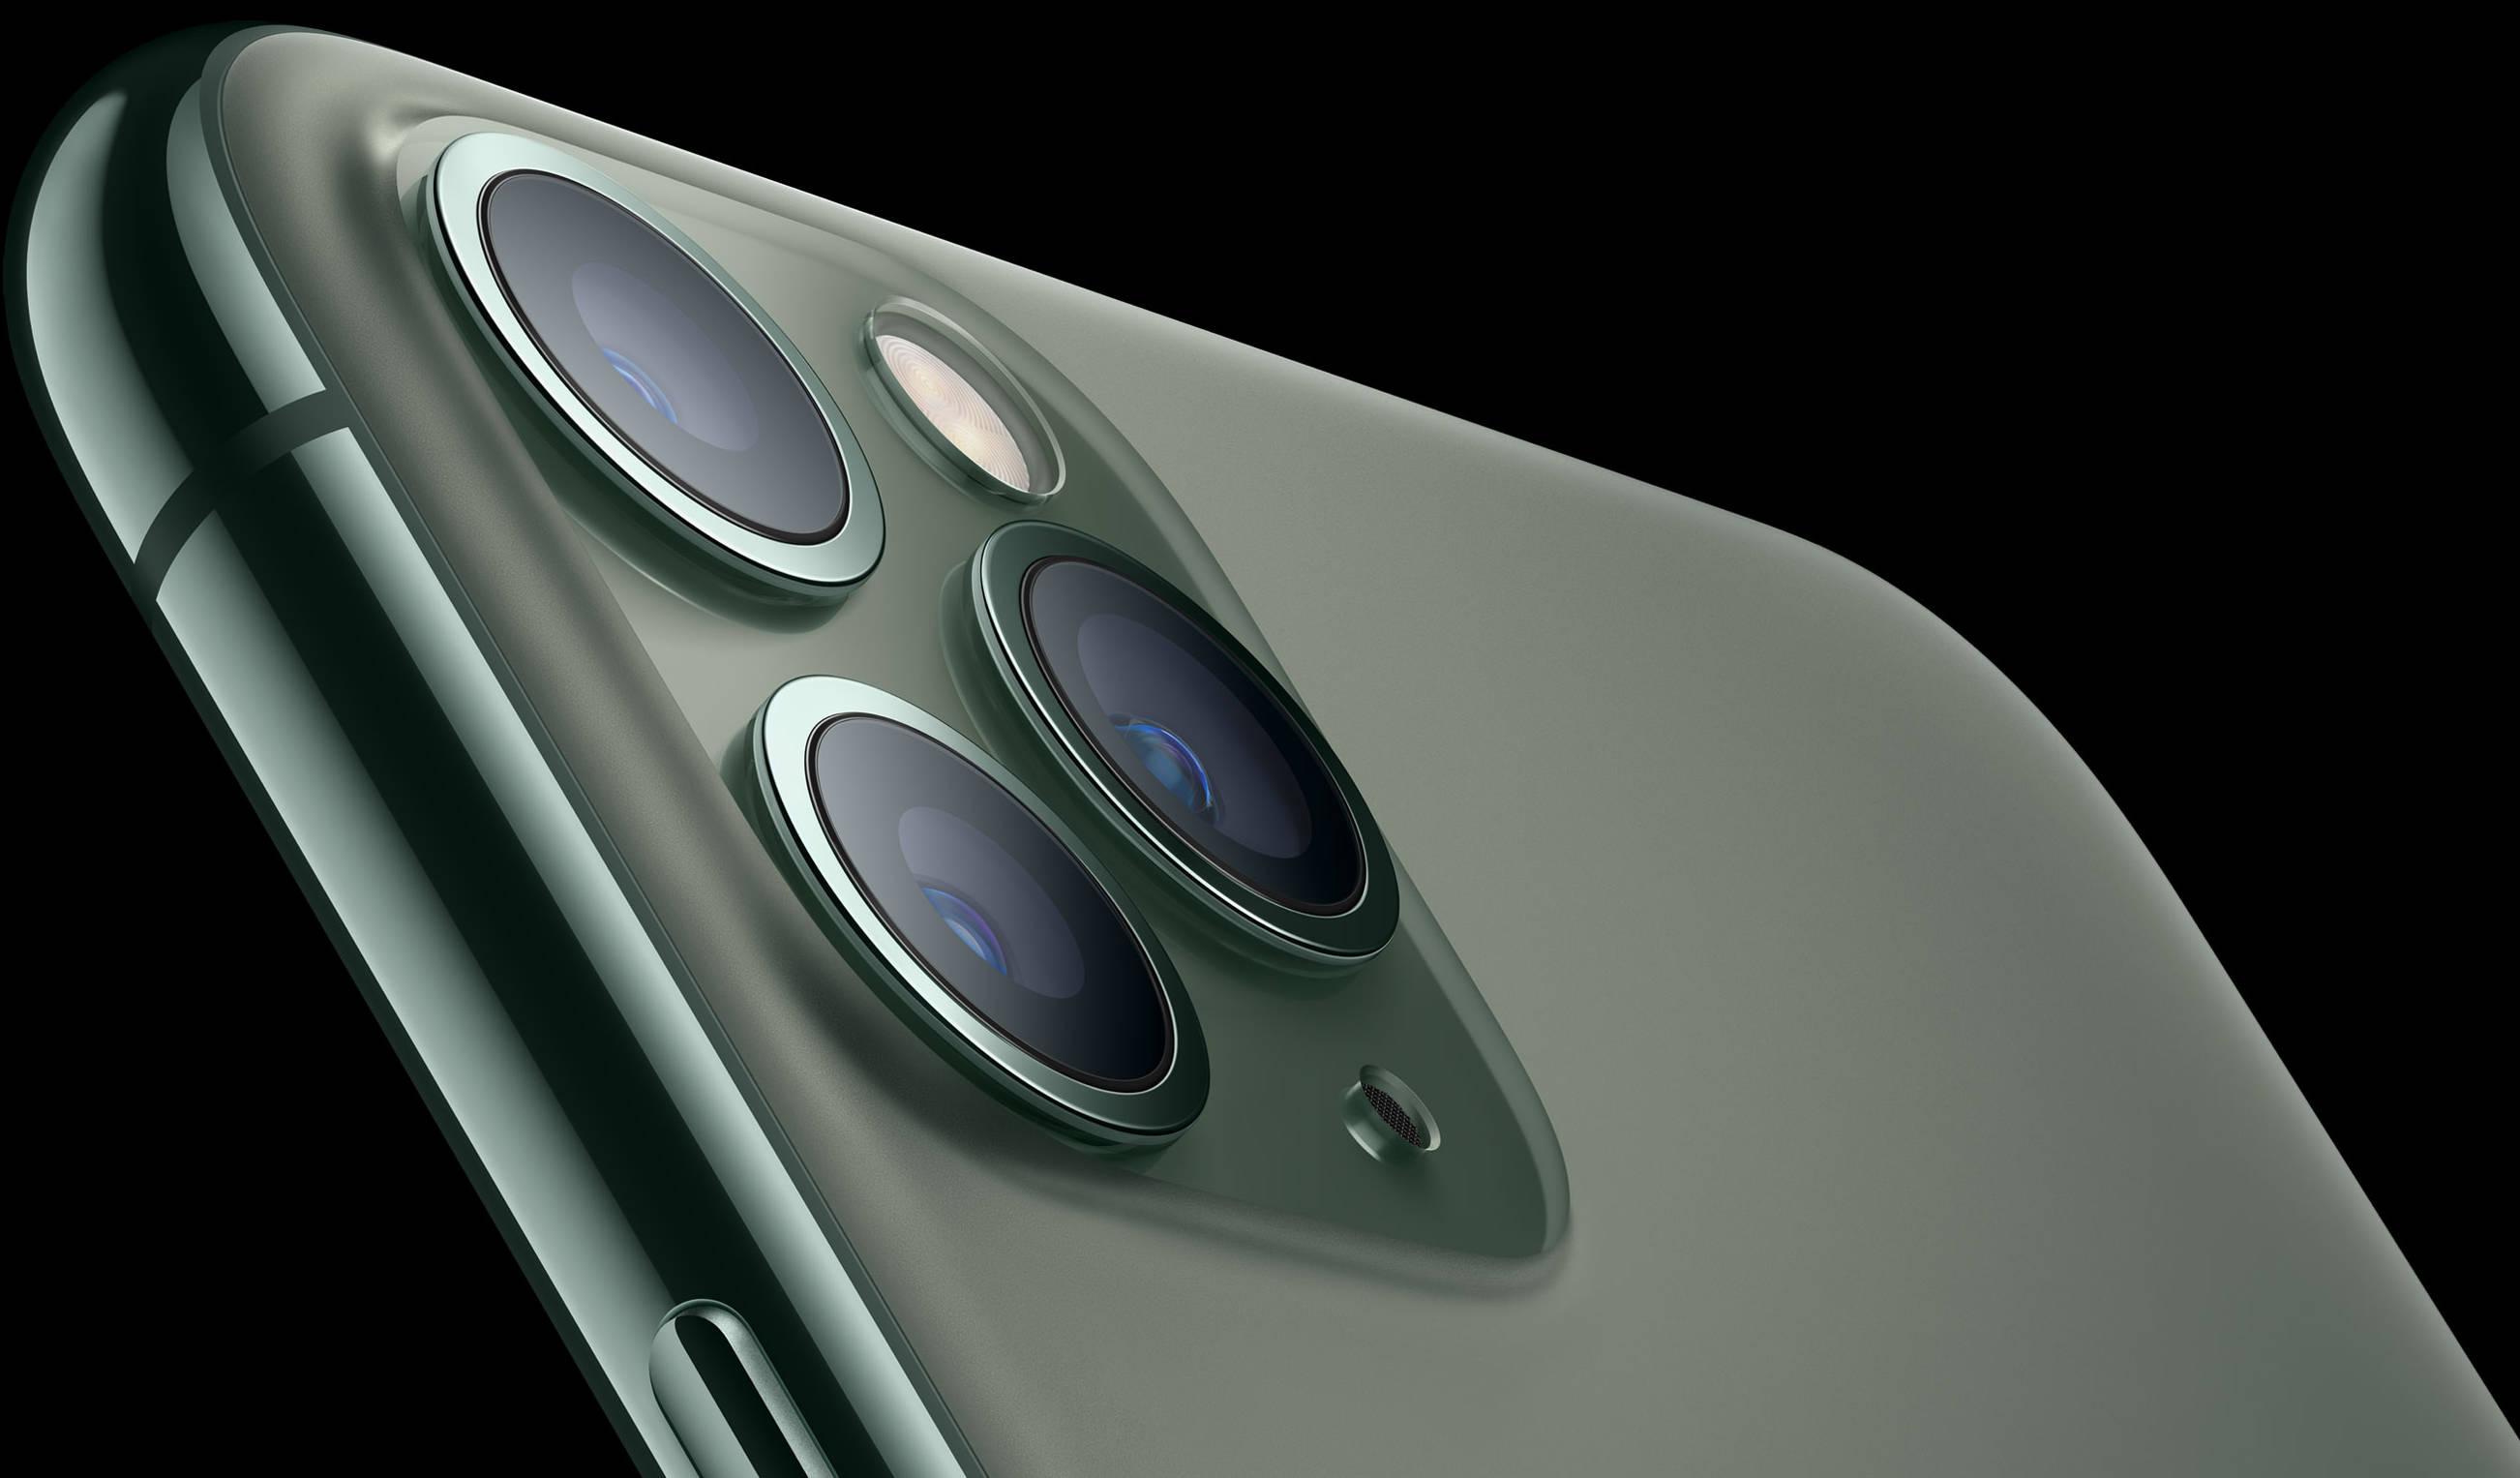 procesor Apple A13 Bionic przedsprzedaż iPhone 11 Pro Max informacje szczegóły specyfikacja techniczna chip SoC